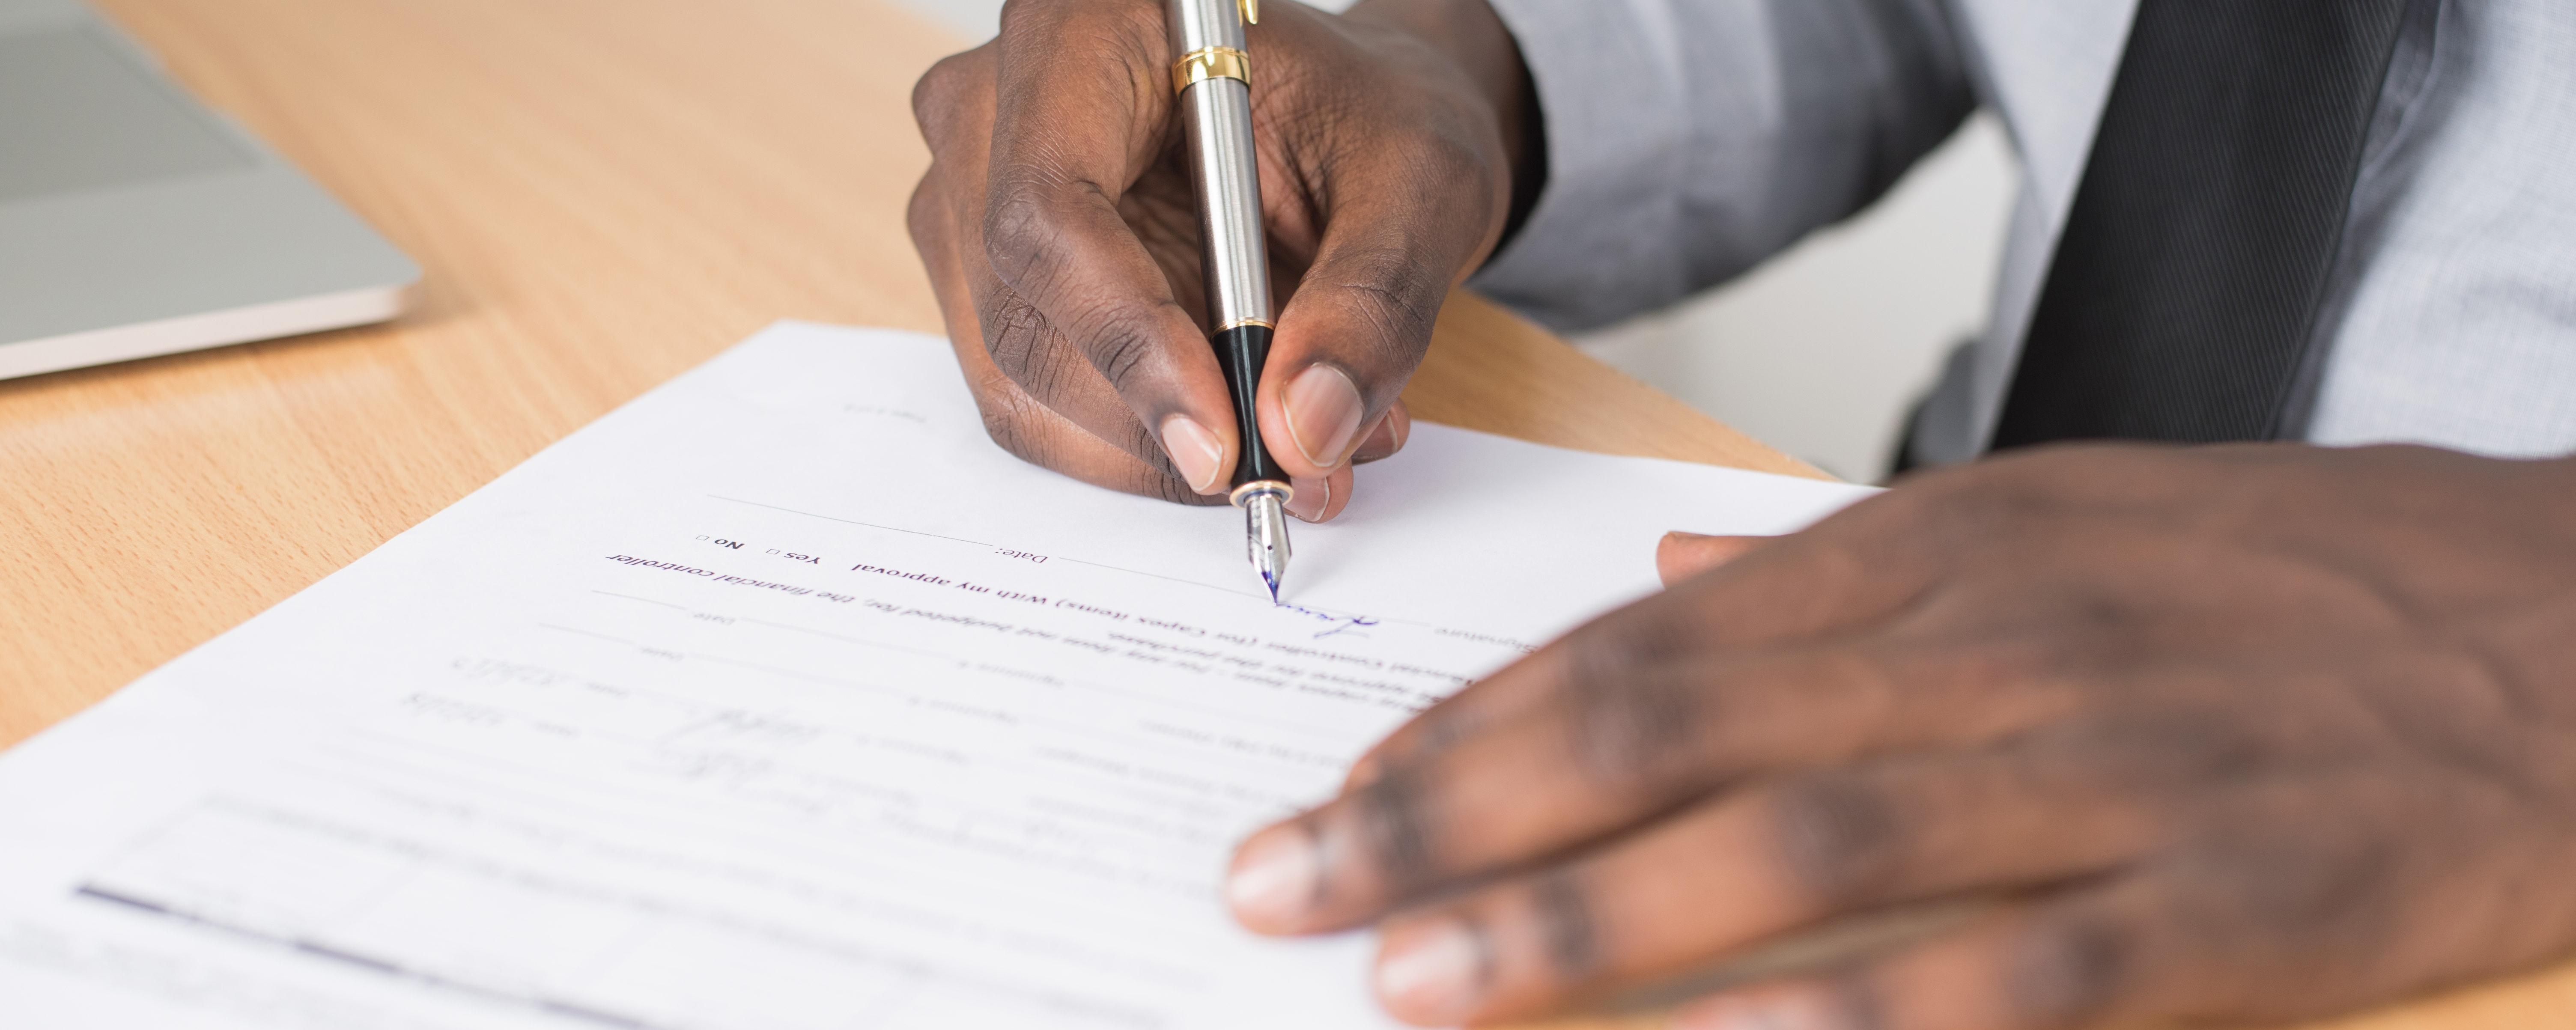 Term Rental versus Leasing